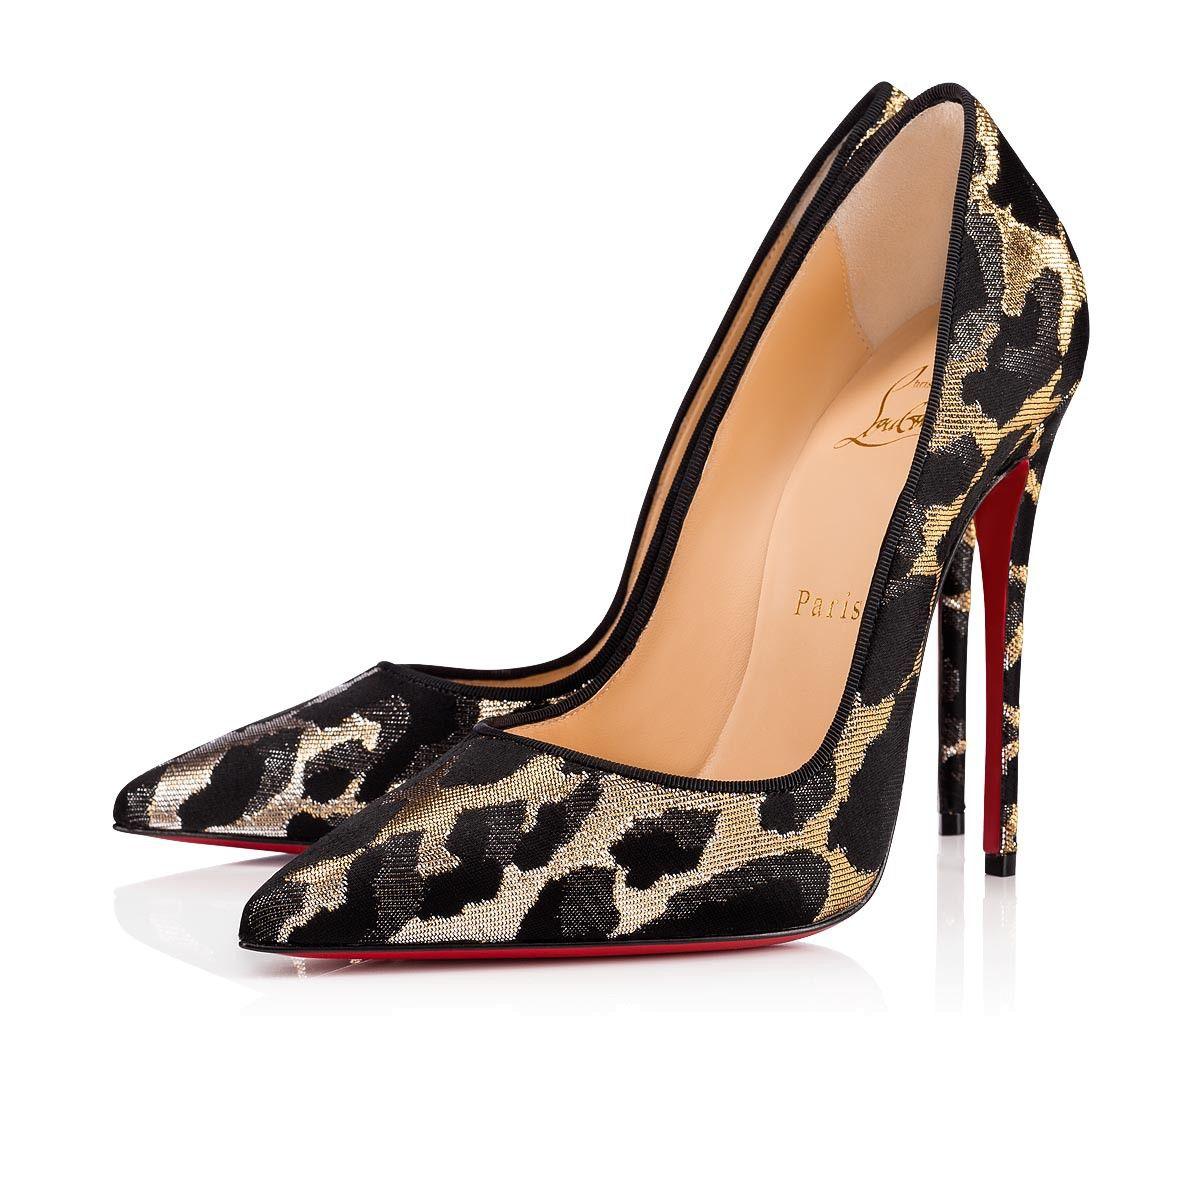 1a8994fde59 So Kate 120 Black-Gold Black Lurex Feline - Women Shoes - Christian  Louboutin